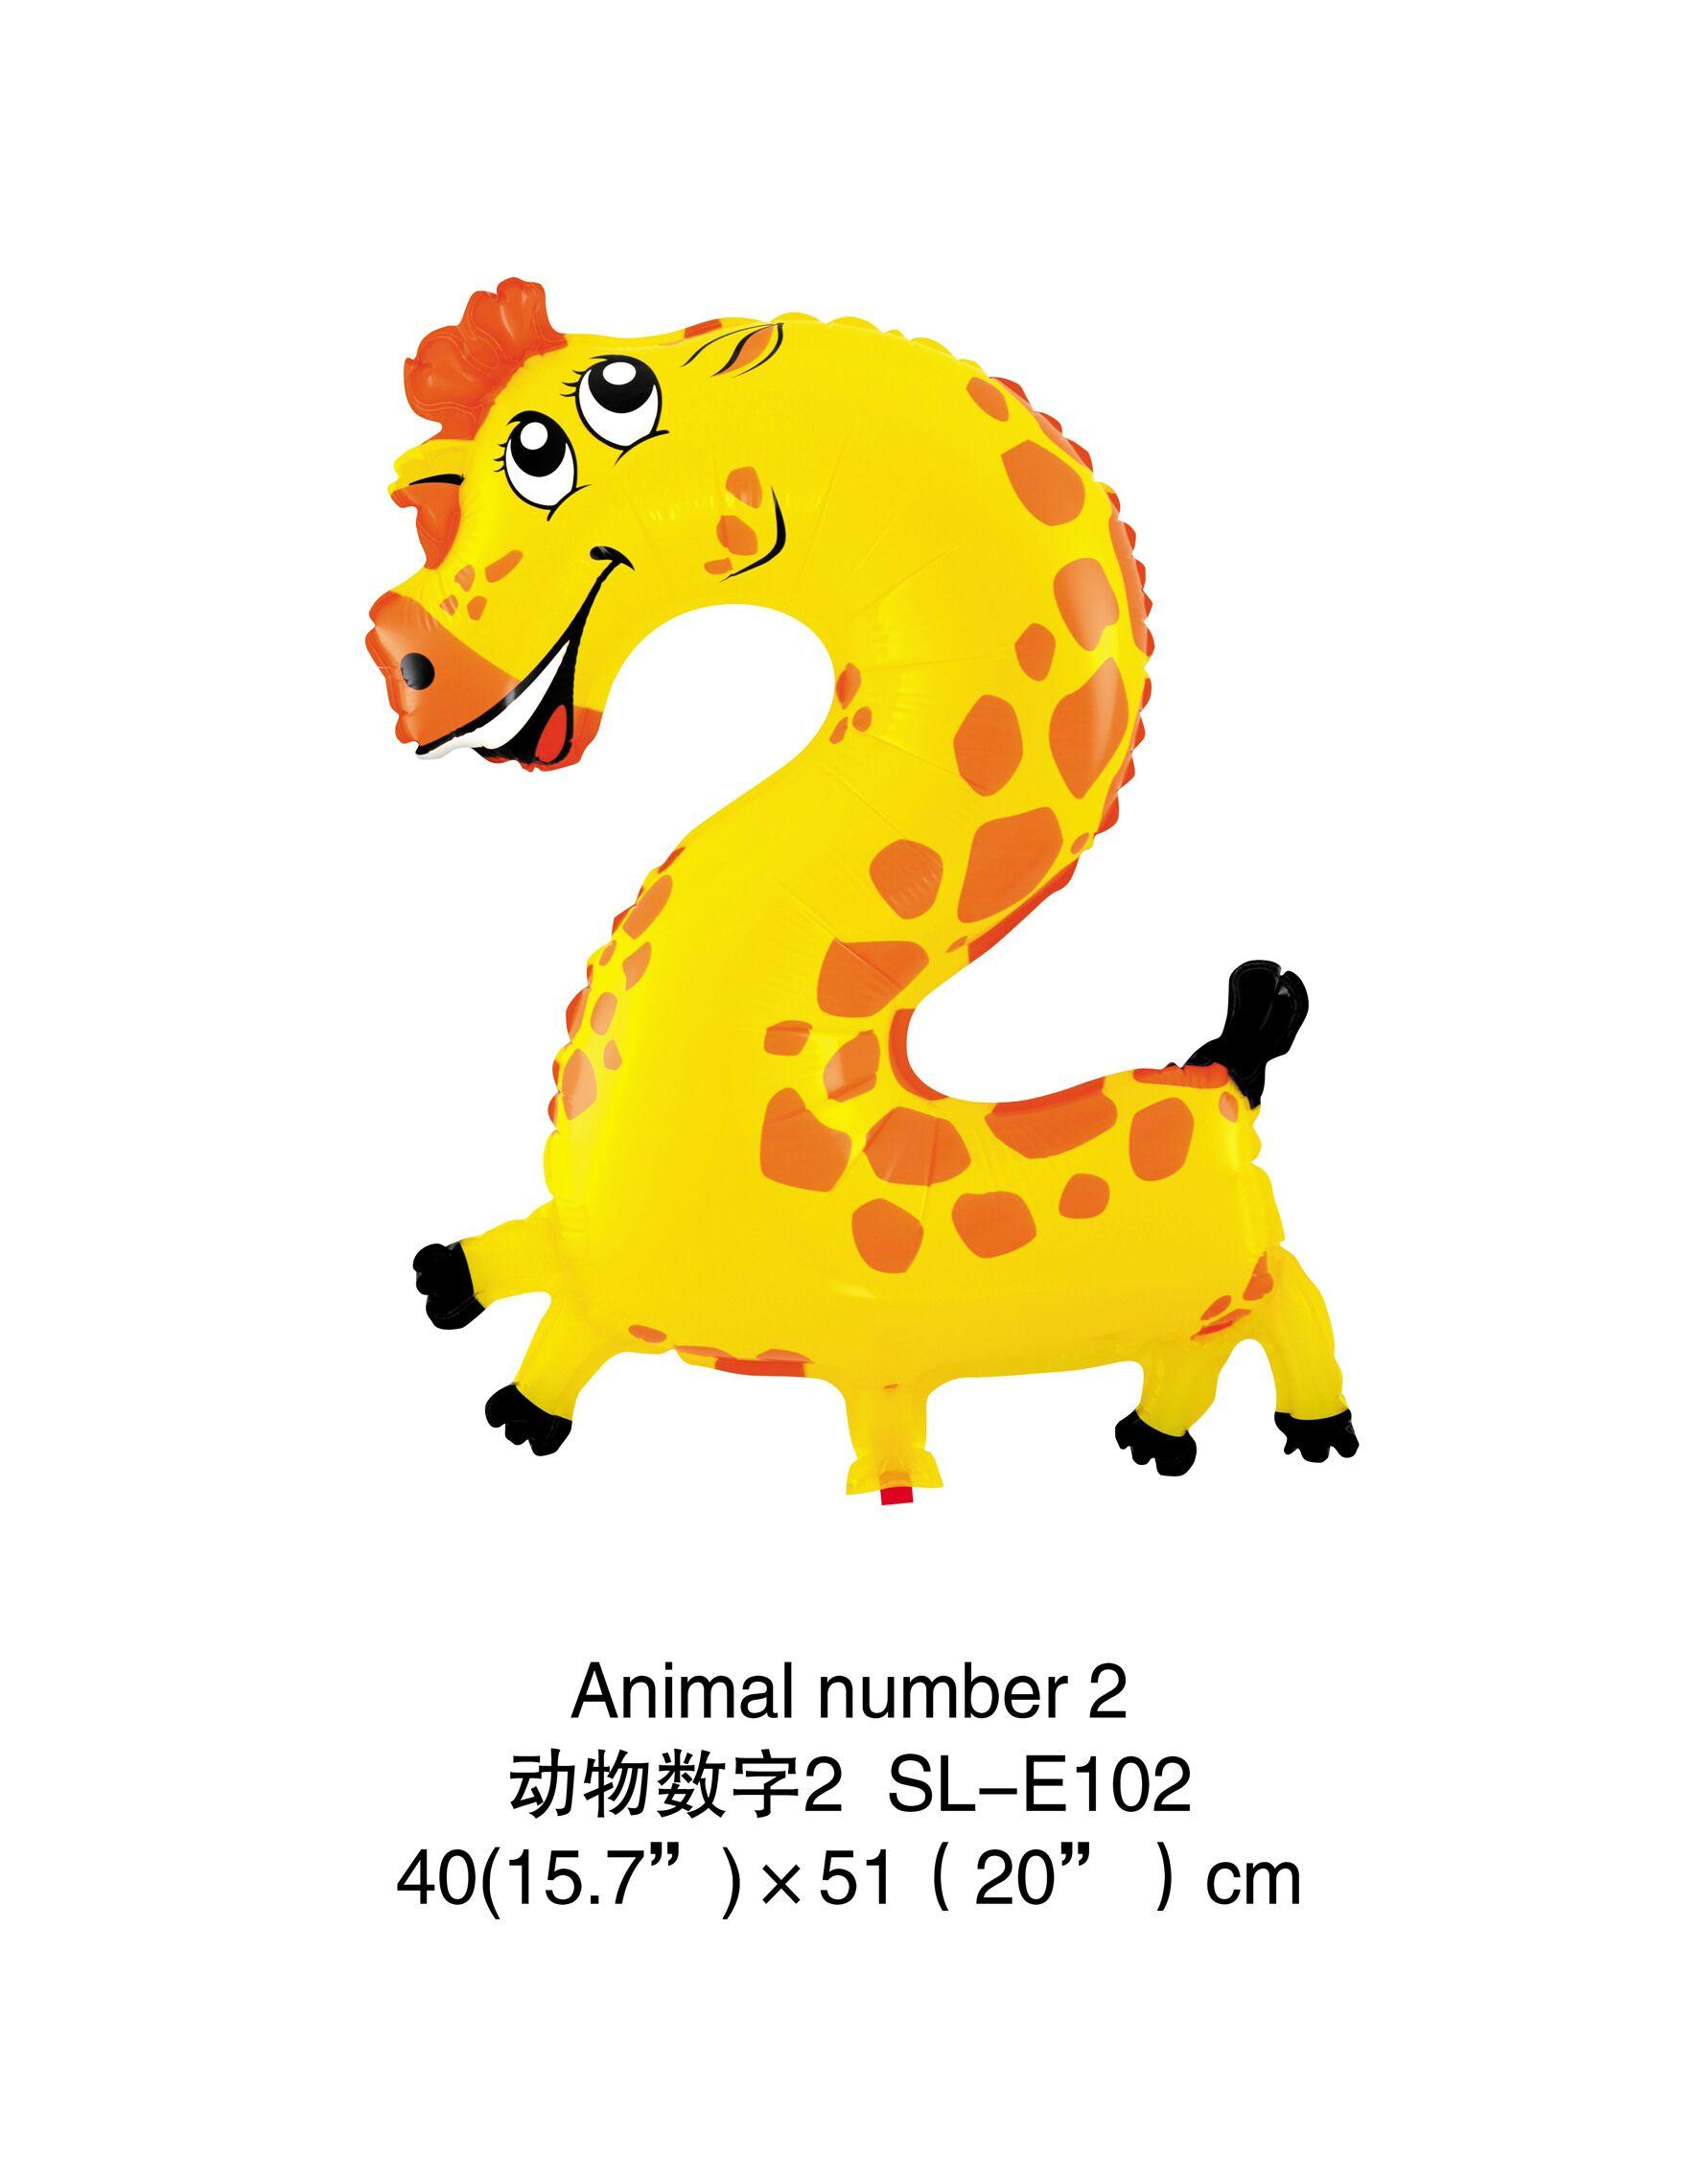 儿童超可爱卡通造型铝膜气球动物彩色数字气球 宝宝生日百天布置图片